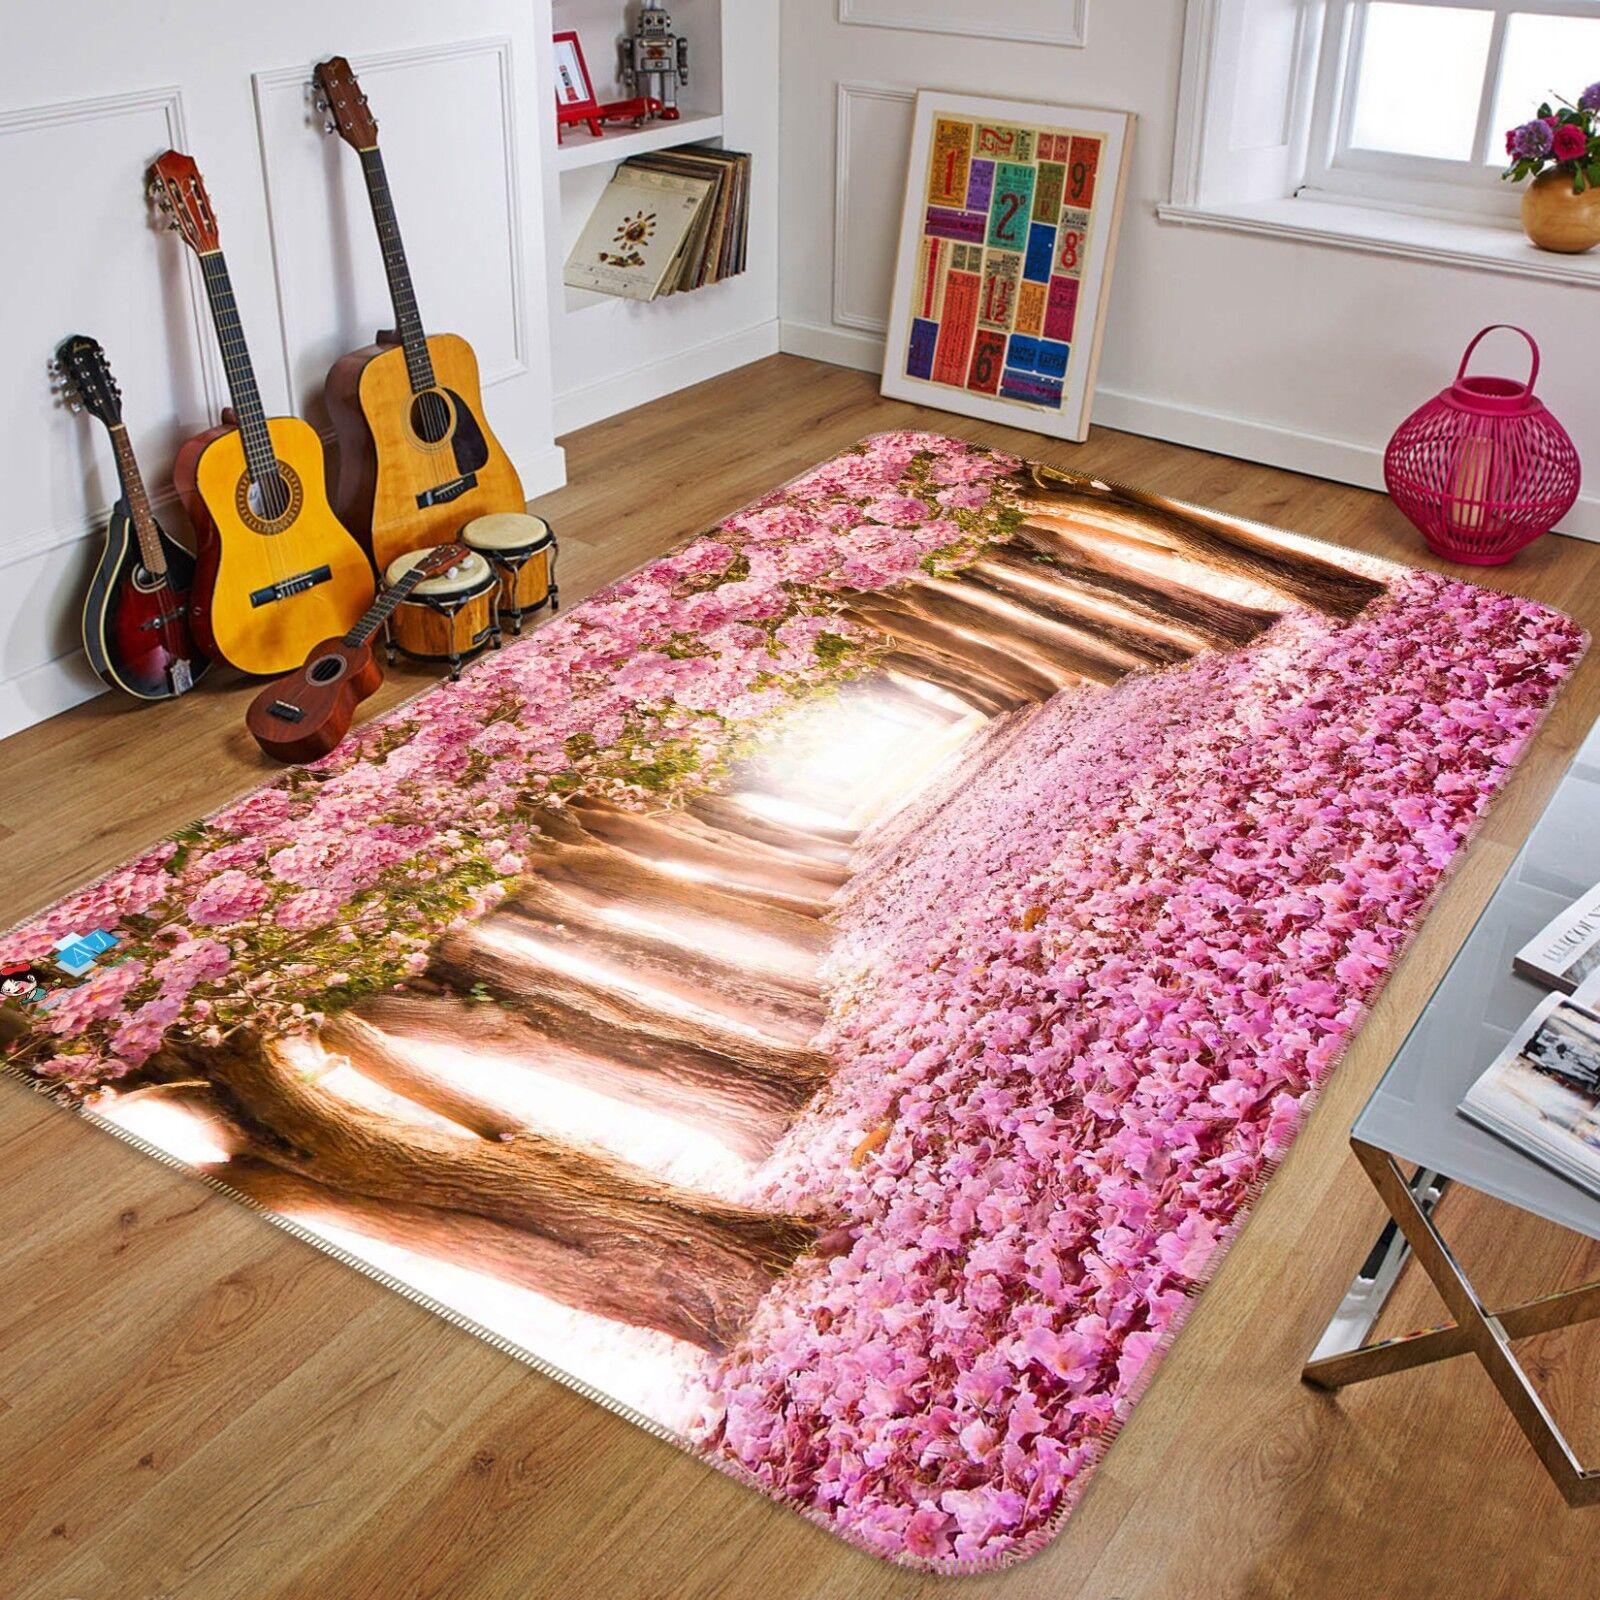 Bosque flores 3D 899 Alfombra Colchoneta Antideslizante Alfombra De Sala Elegante De Calidad Foto Alfombra